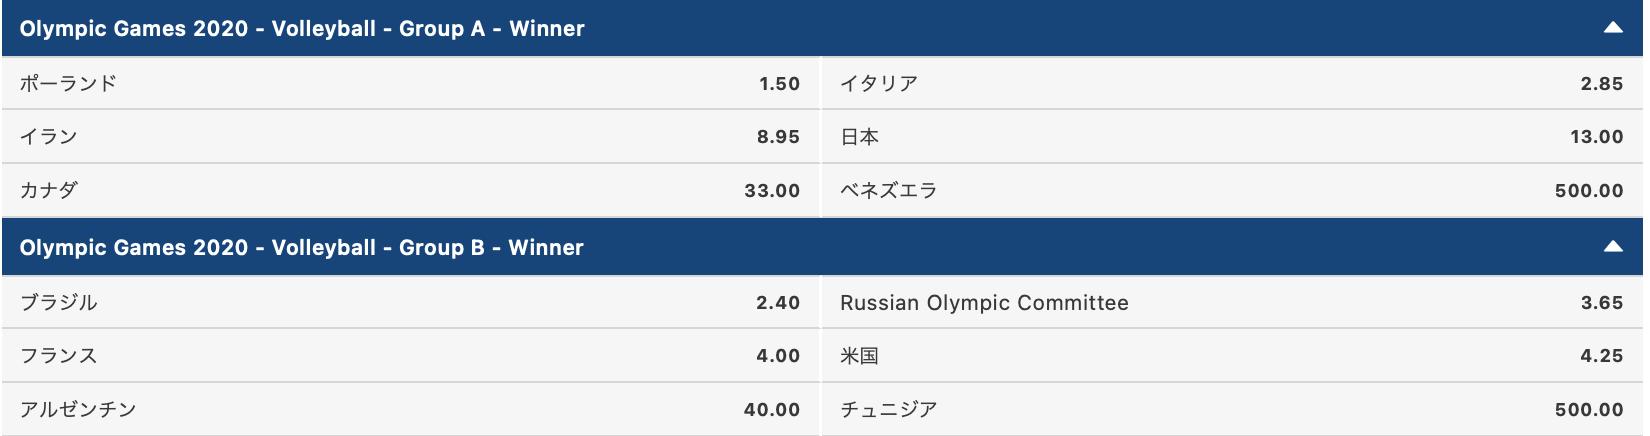 2020東京オリンピック男子バレーボール・グループAB勝者予想